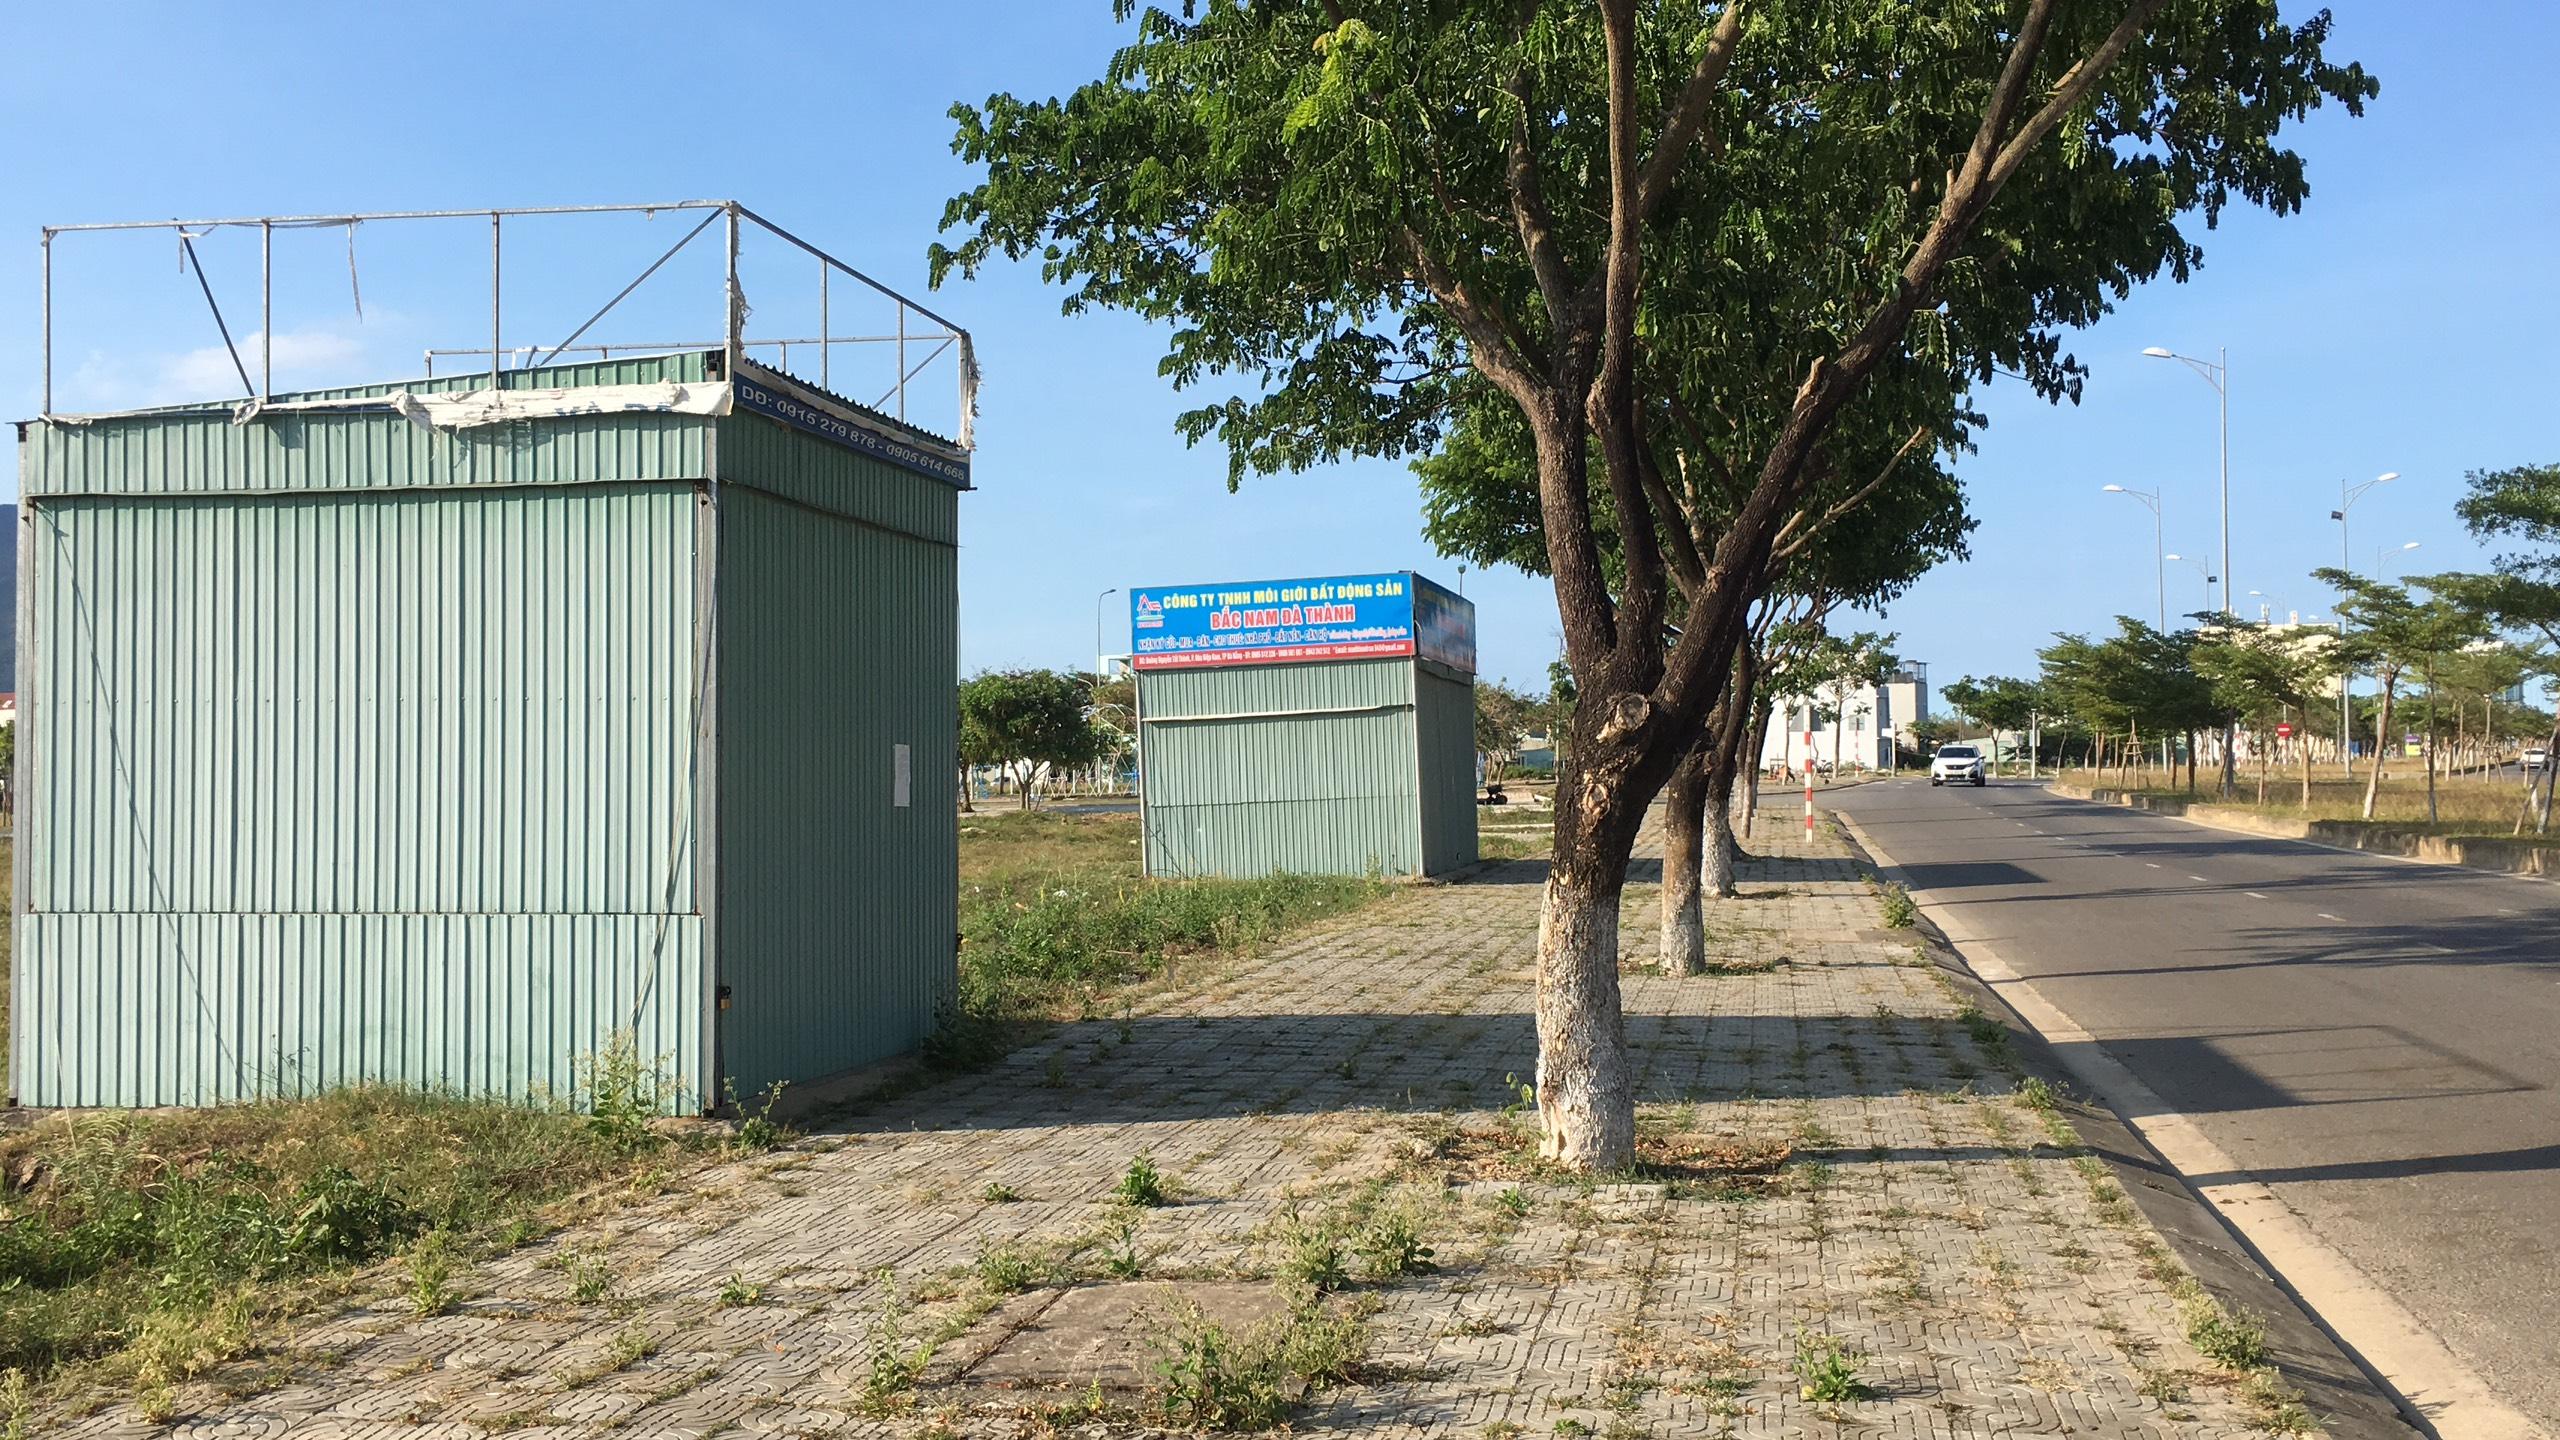 Trở lại nơi sốt đất ở Đà Nẵng, ki ốt bị dẹp hàng loạt, các dự án không bóng người - Ảnh 14.